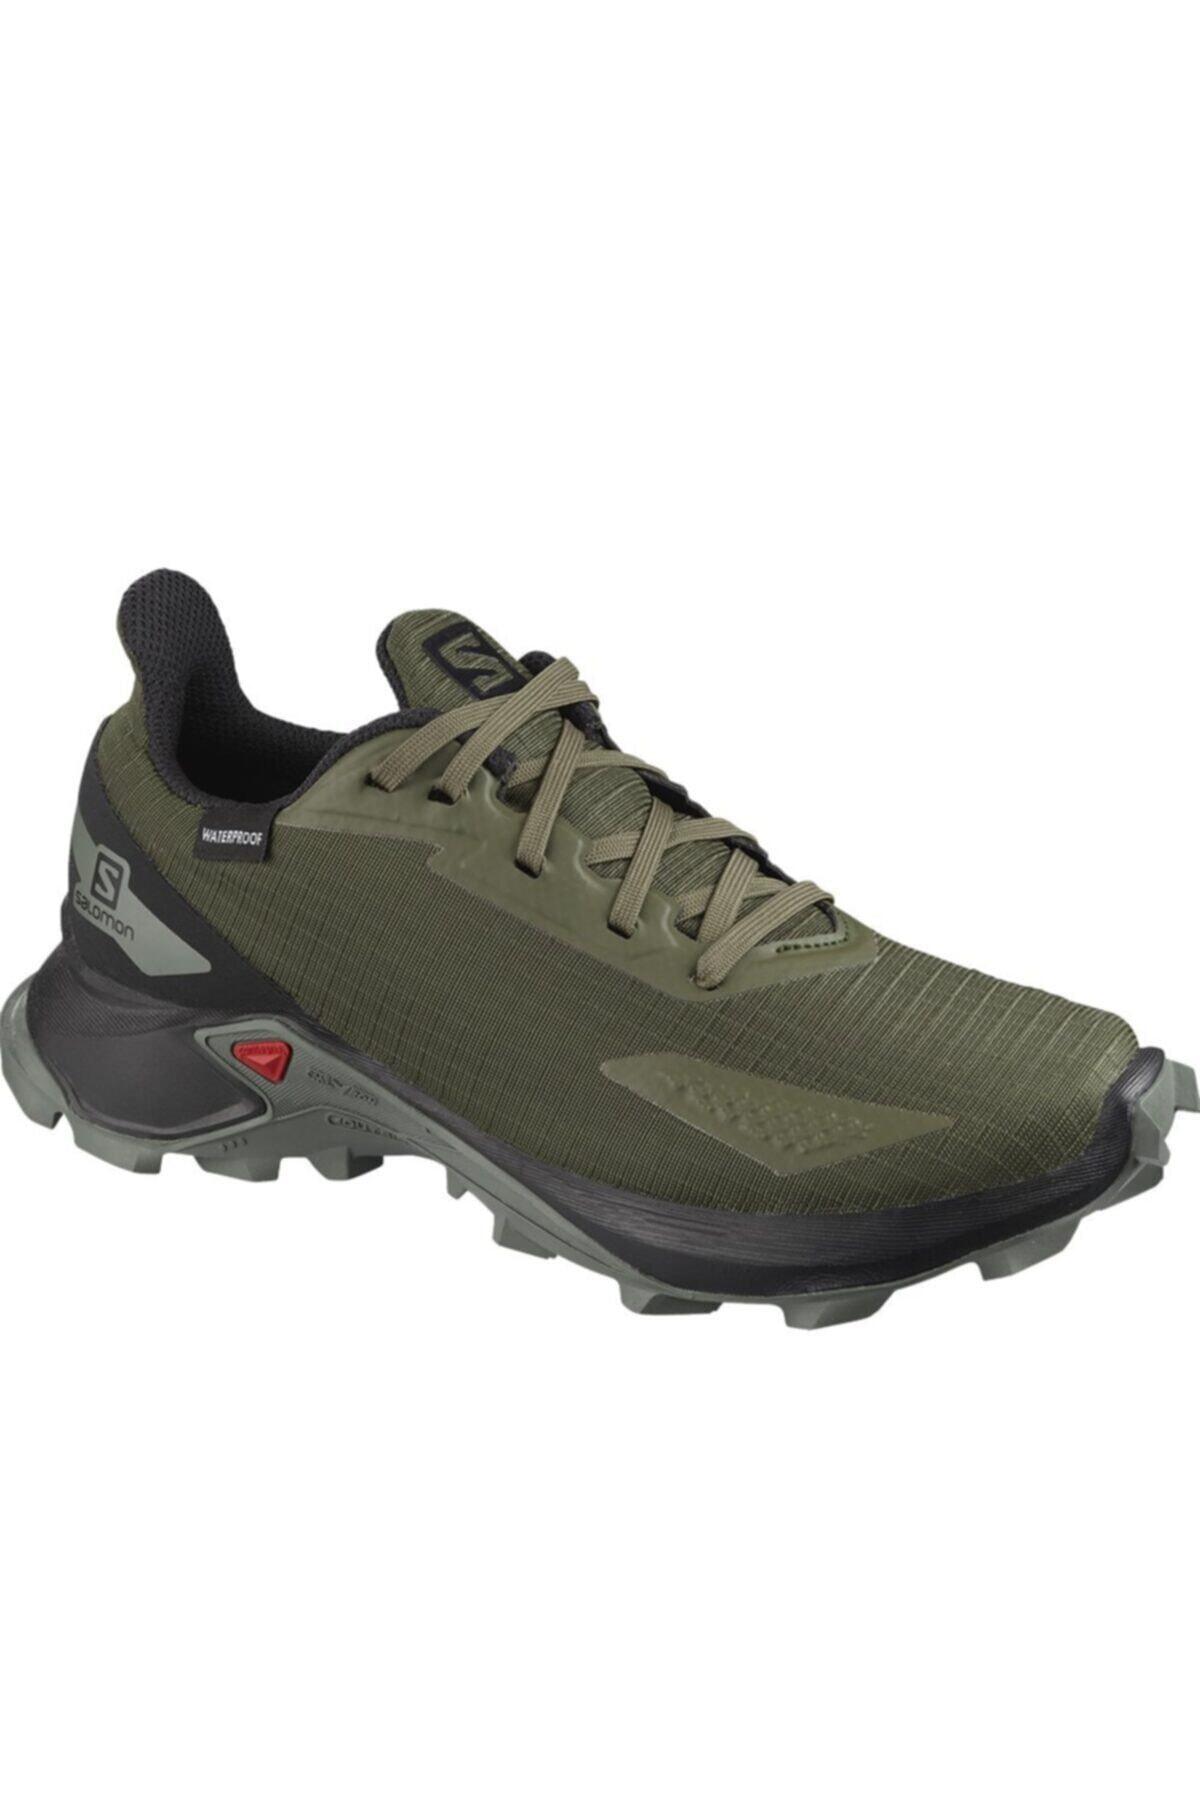 Salomon Erkek Haki Outdoor Ayakkabı L41105800 1